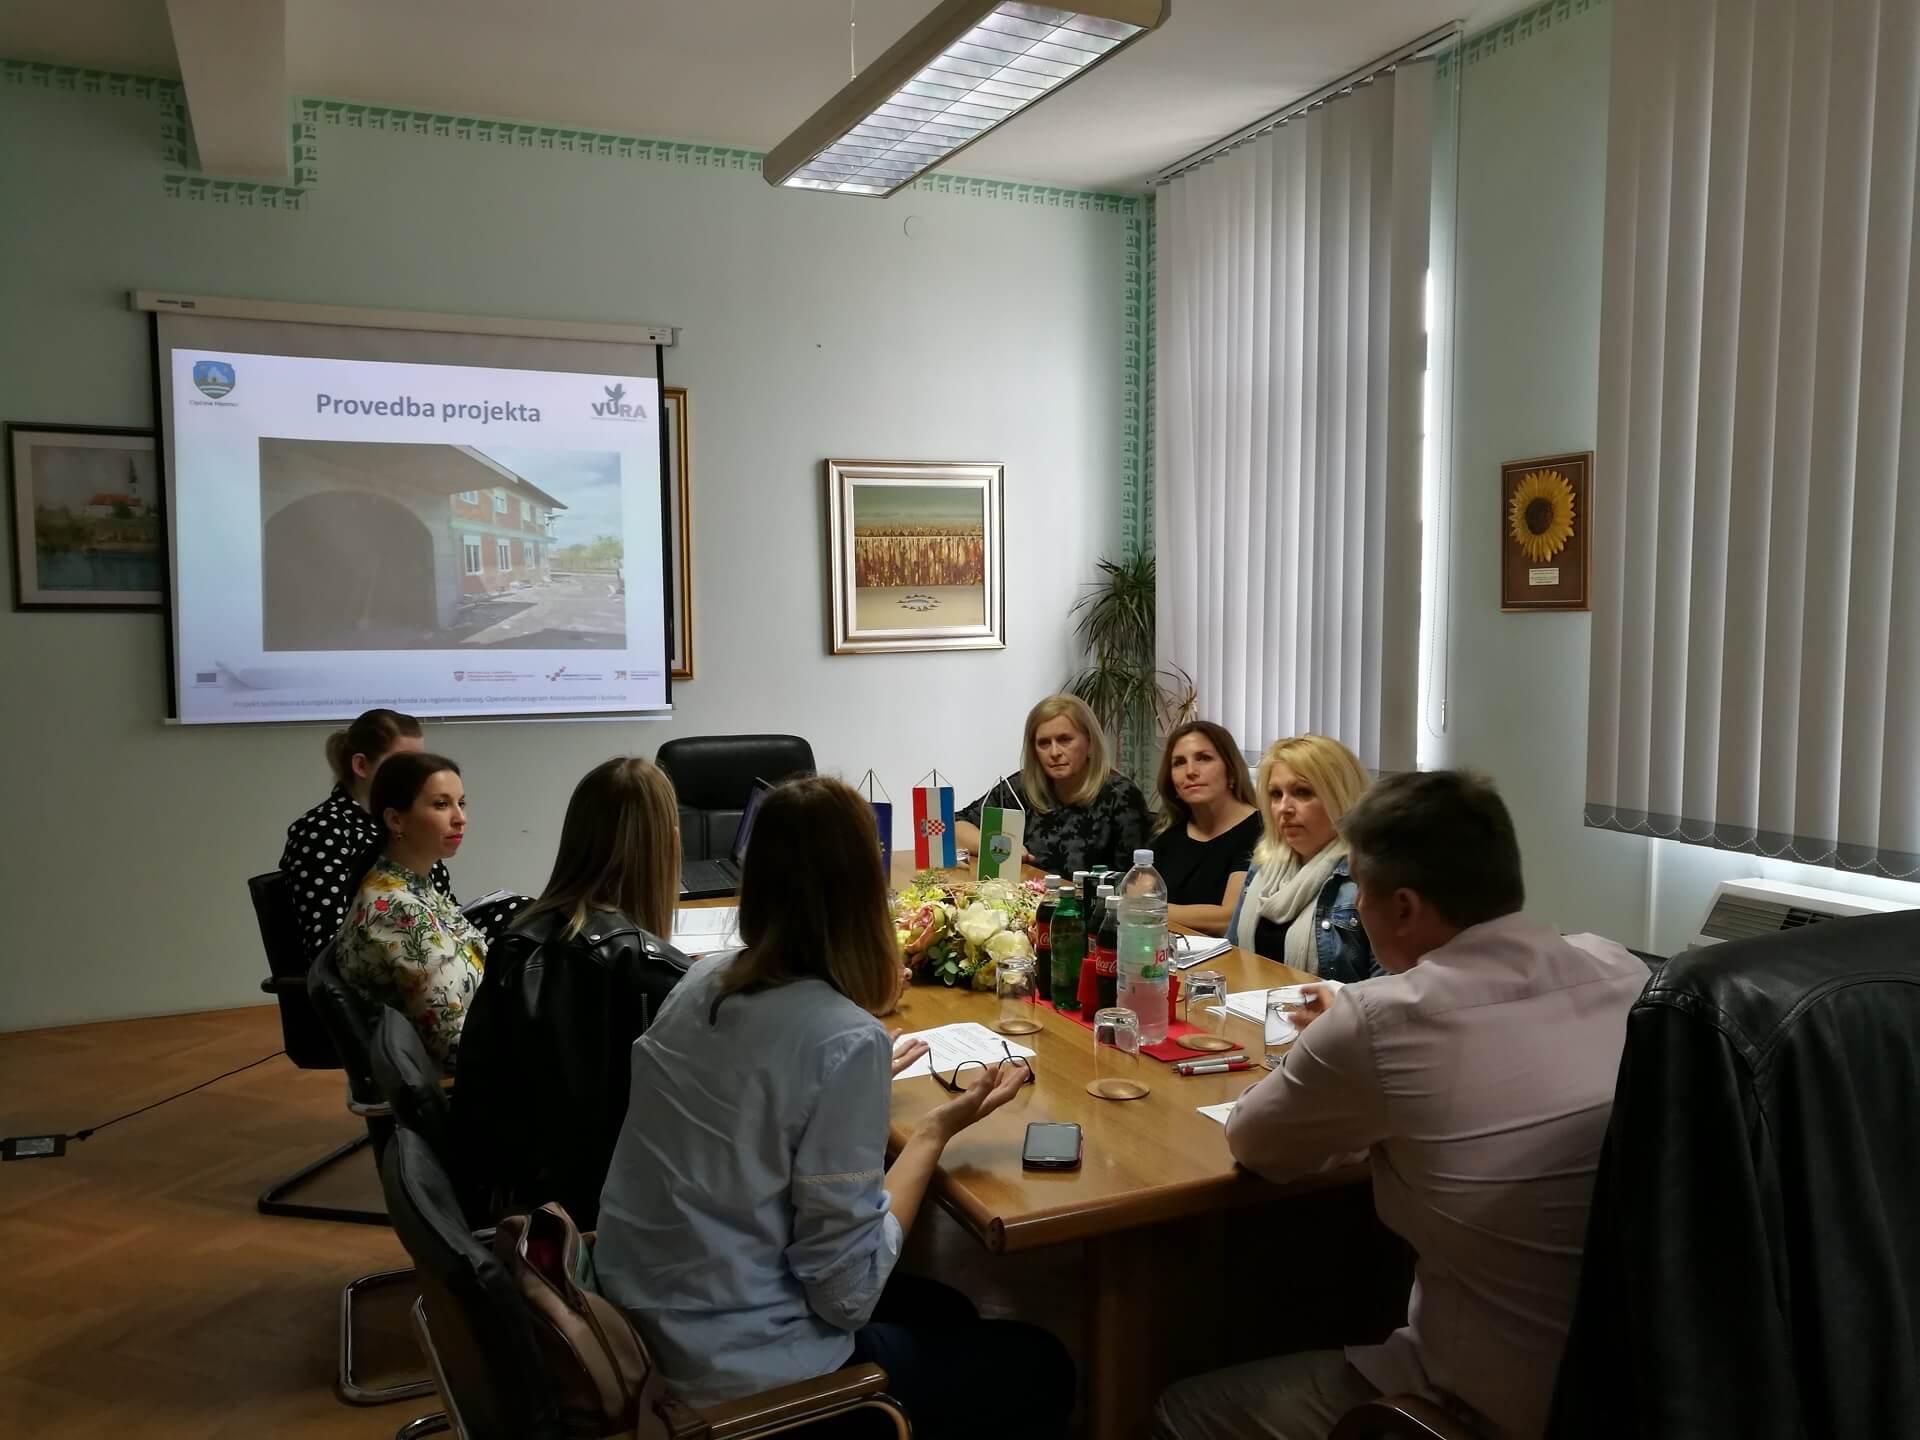 Osmi sastanak Projektnog tima i Upravnog odbora